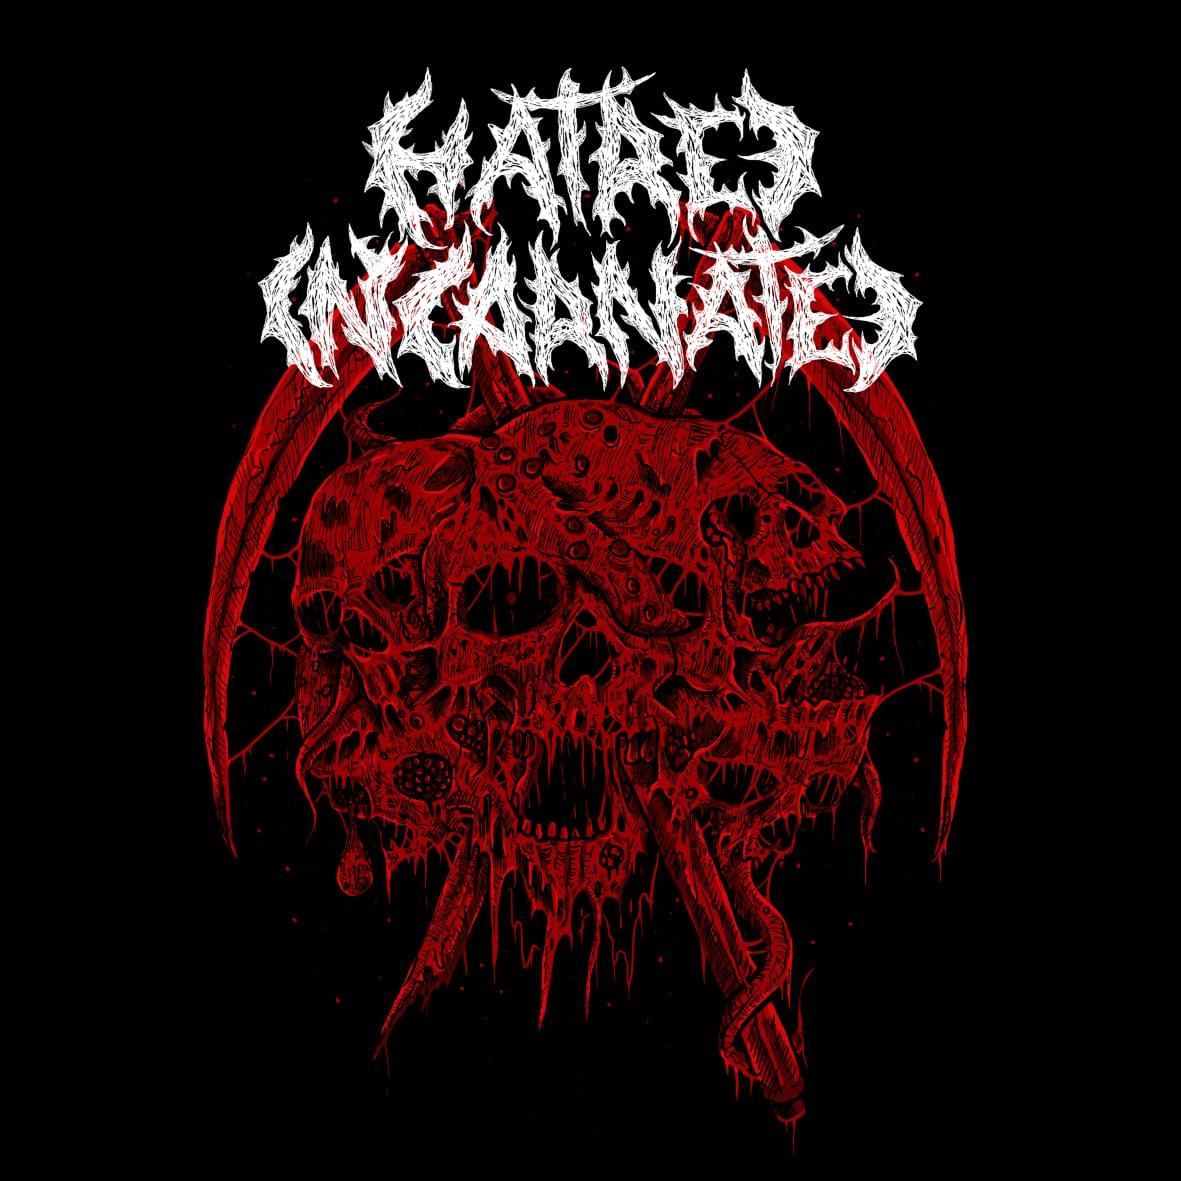 Hatred Incarnated: primeiro single é lançado nas plataformas digitais